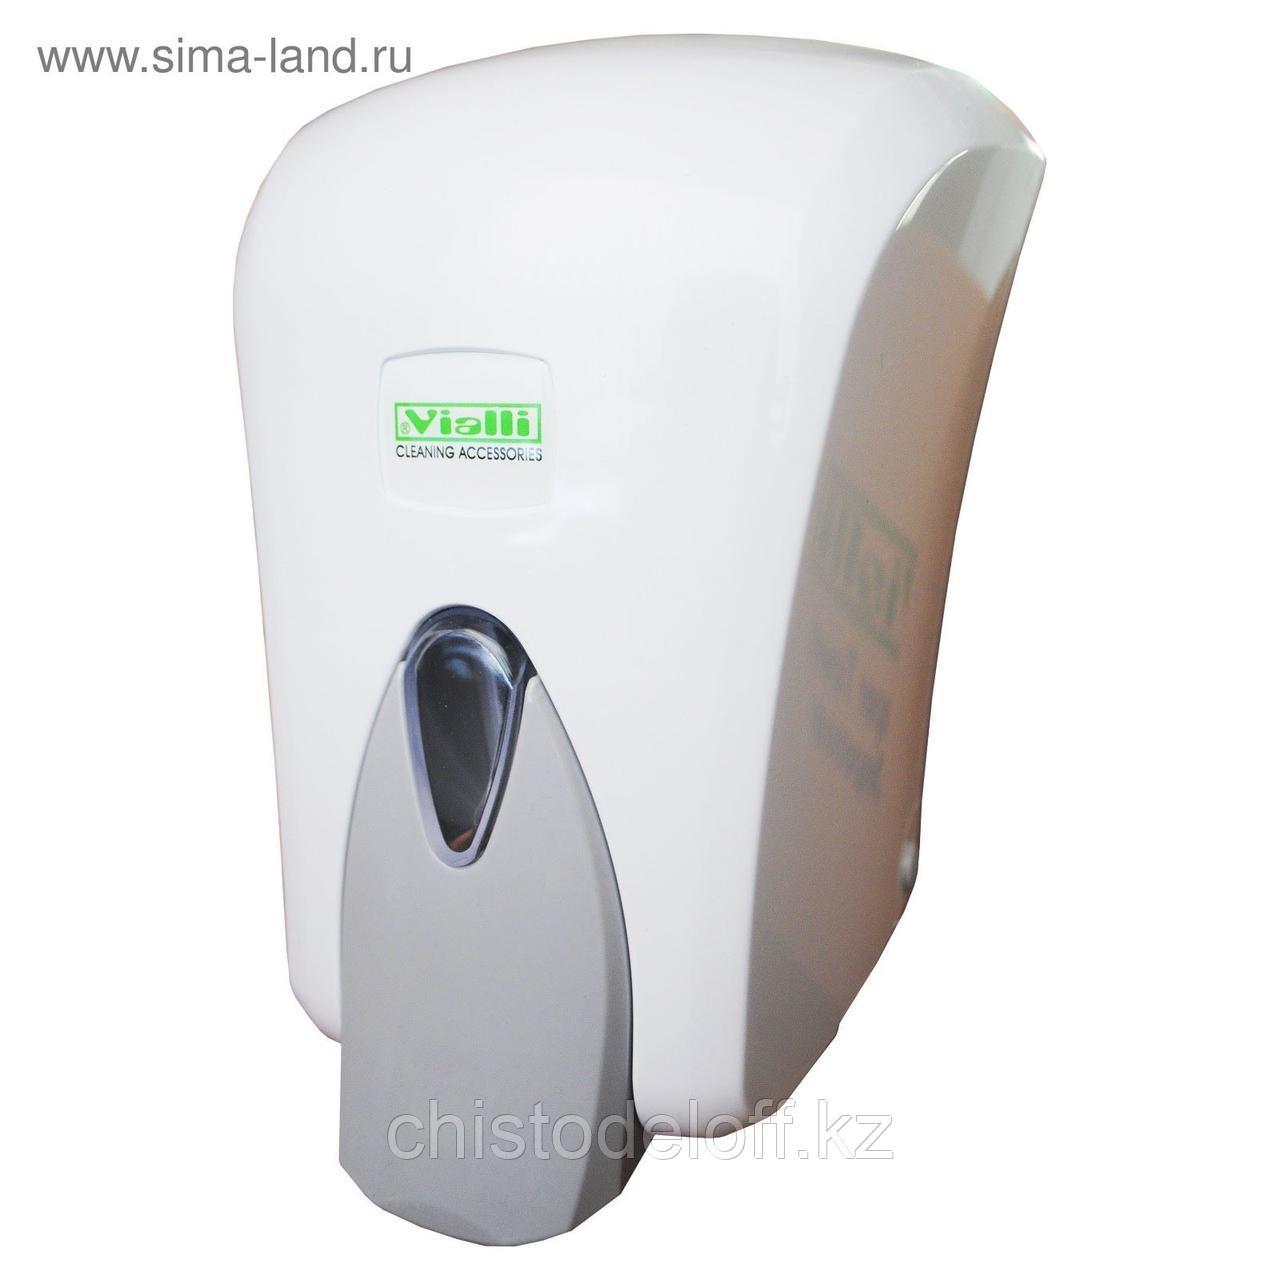 Диспенсер Vialli для жидкого мыла с помпой